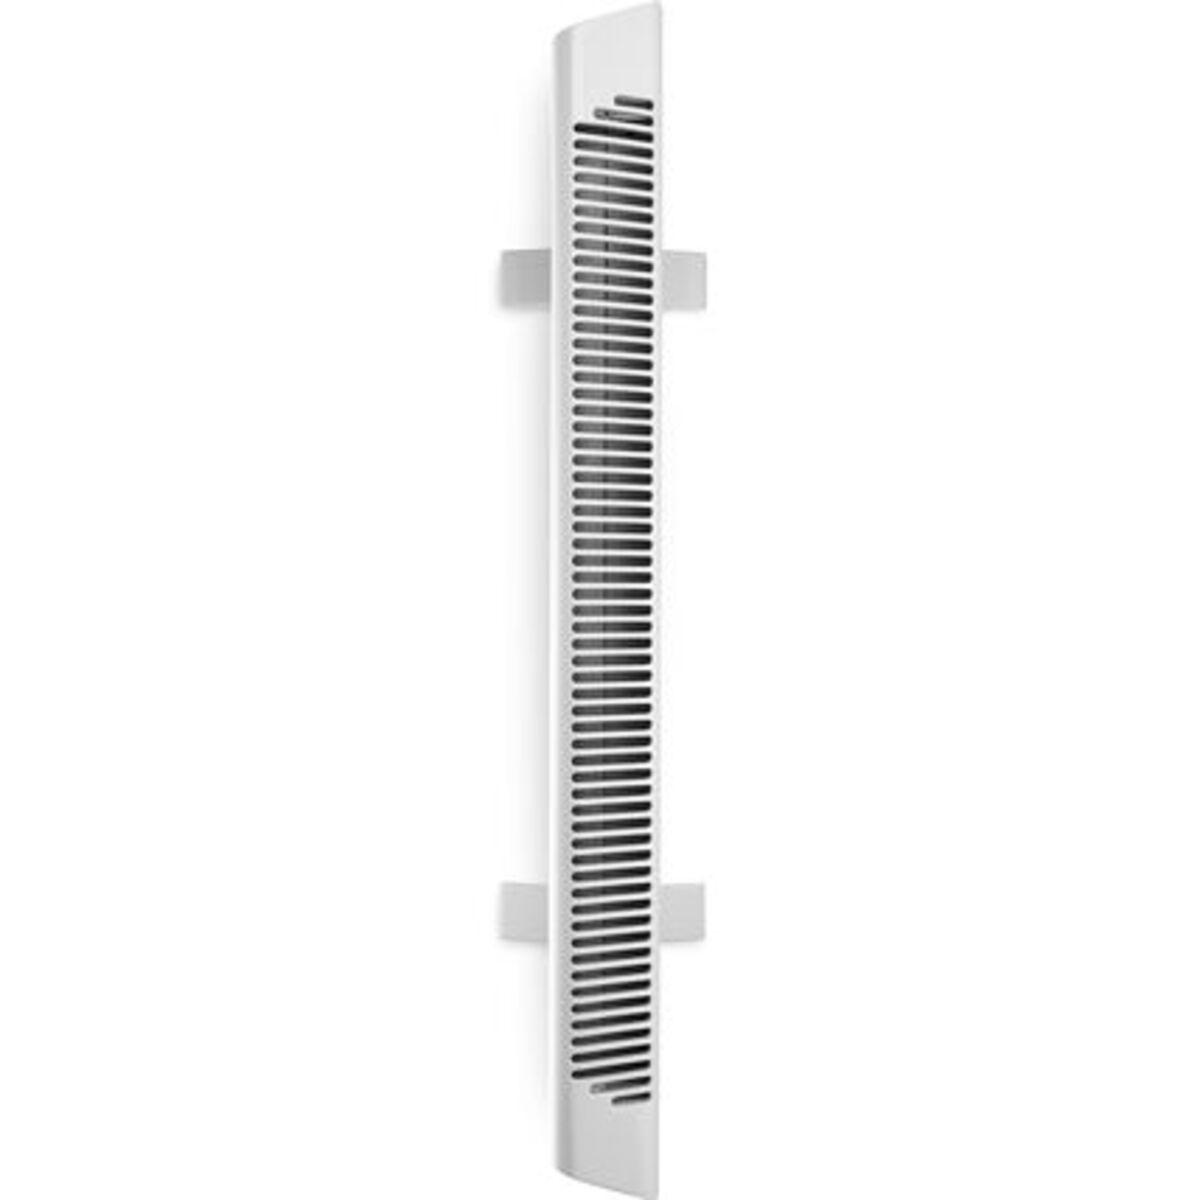 Bild 2 von DeLonghi Konvektor HCX 3220 FTS, grau/schwarz